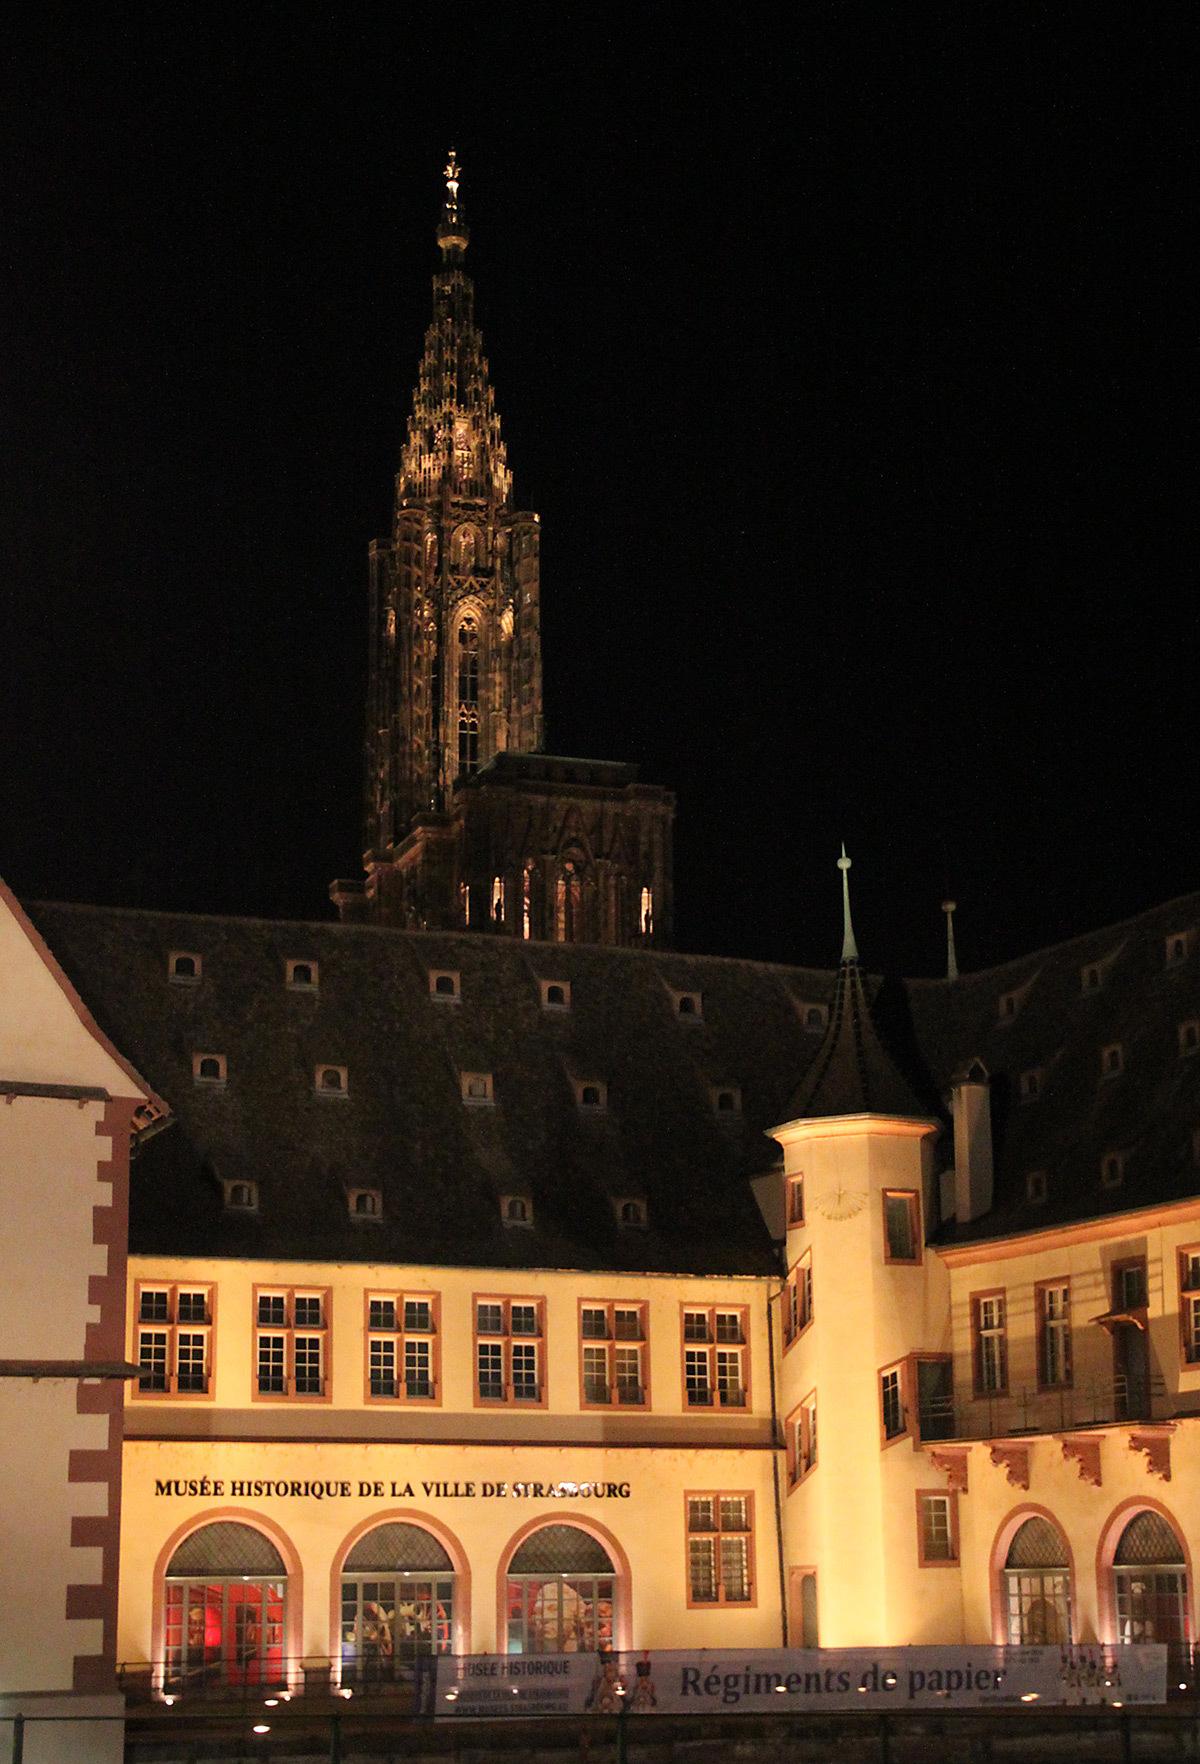 Des bords de l'Ill, quai des Bateliers - Cathédrale Notre-Dame, Strasbourg, France - mise en lumière pérenne - Conception lumière : L'Acte Lumière © Vincent Laganier